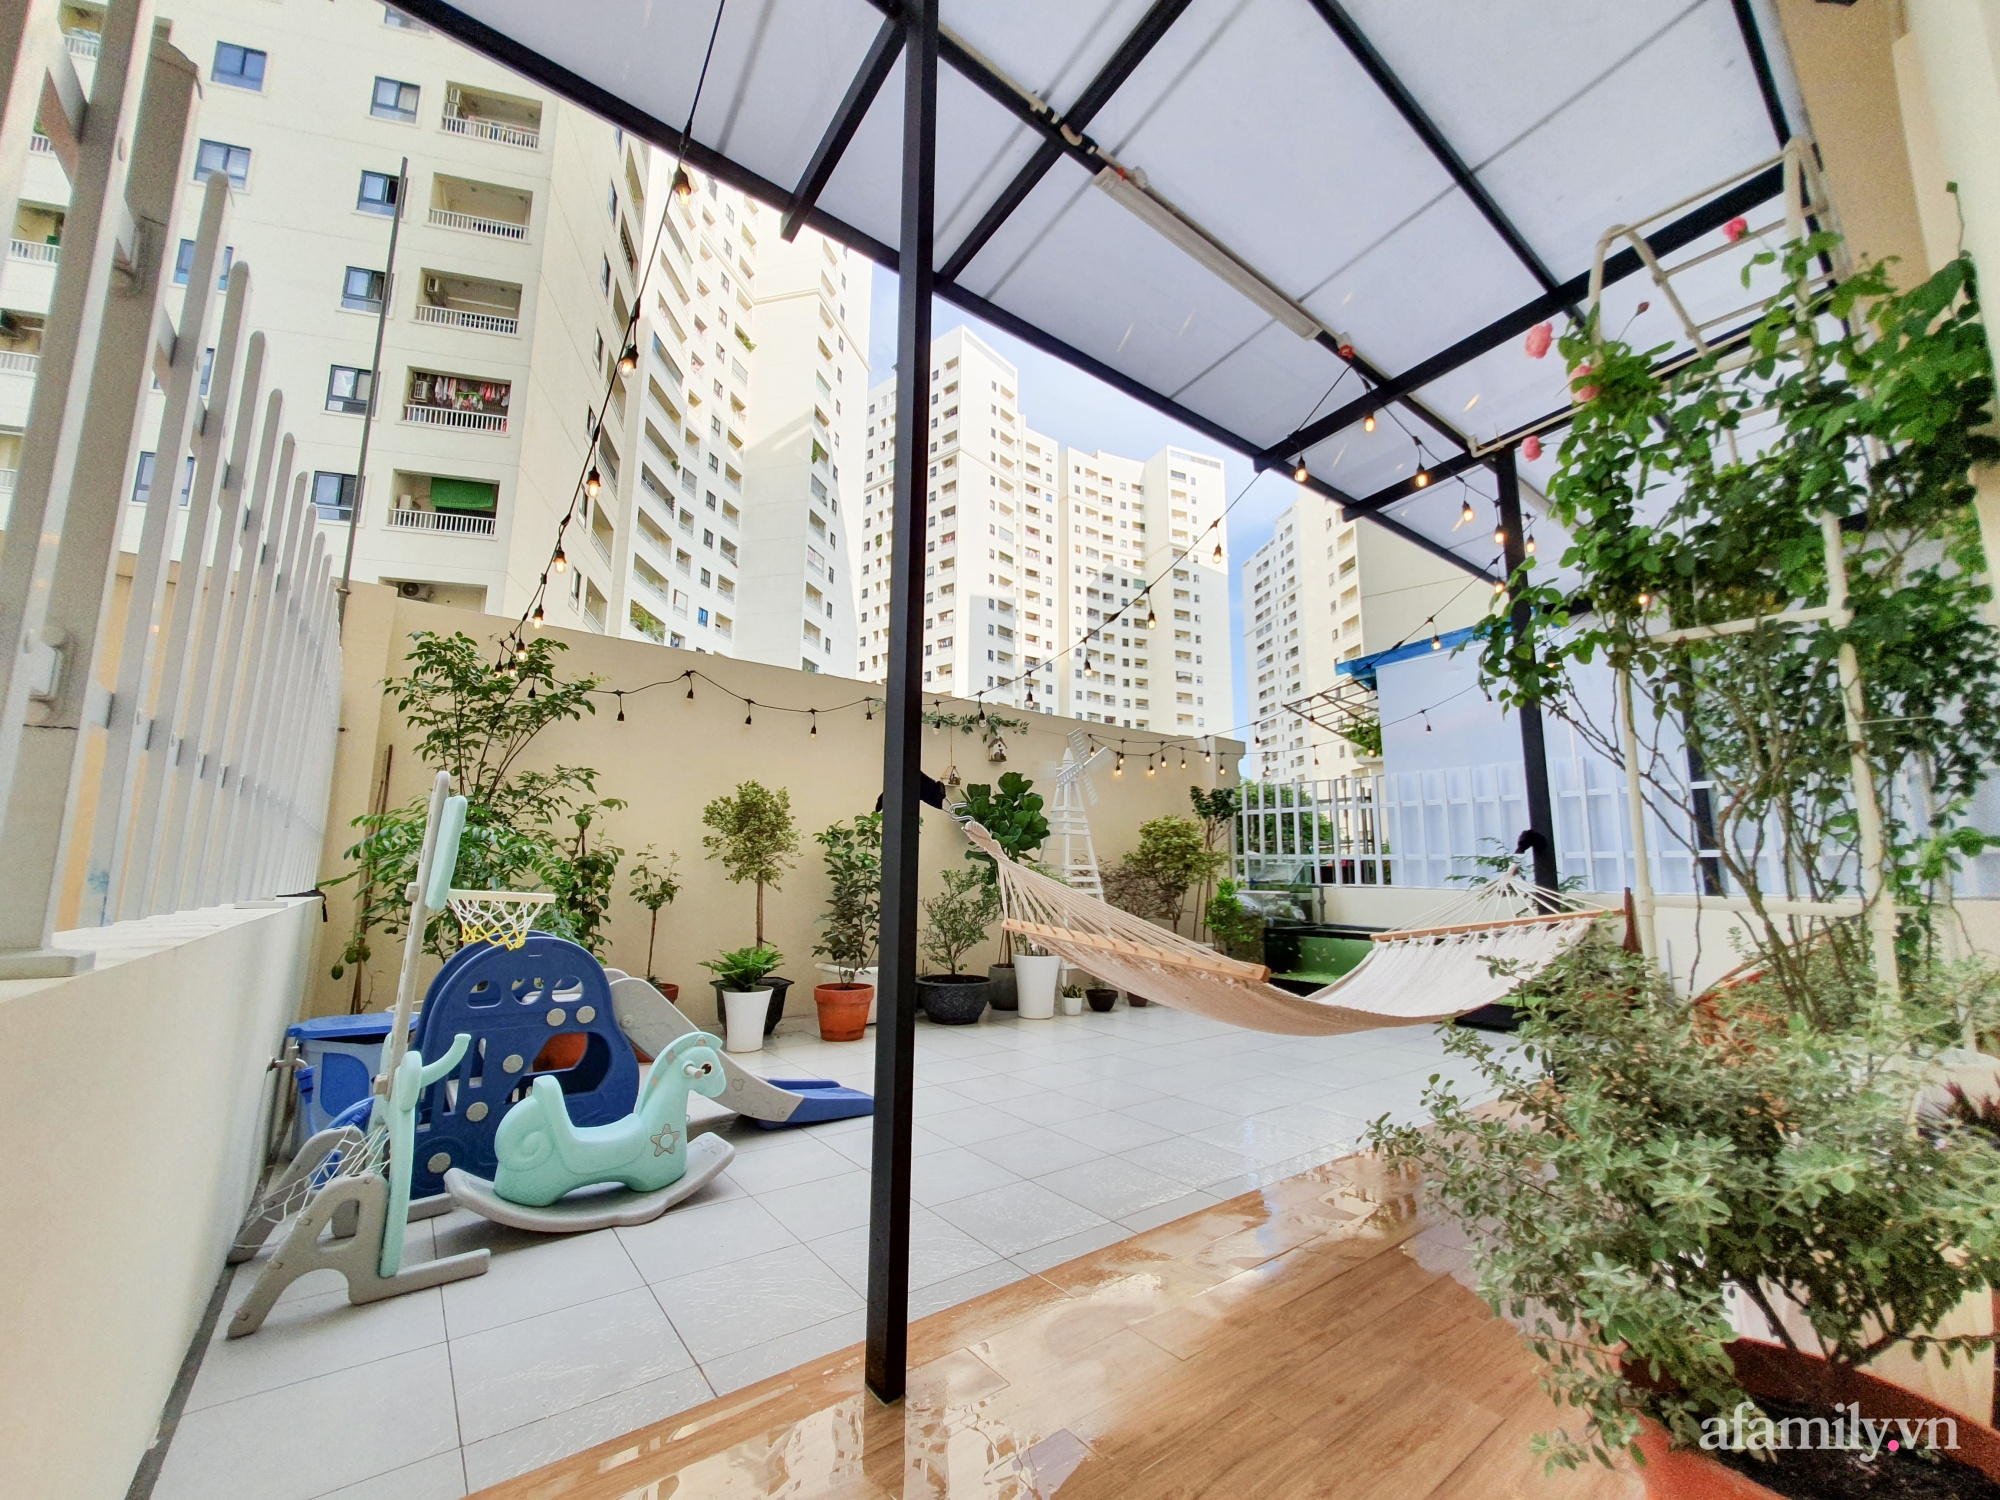 Căn hộ 180m² được vợ chồng trẻ cải tạo vừa ở vừa làm vườn có chi phí 550 triệu đồng ở Sài Gòn - Ảnh 13.